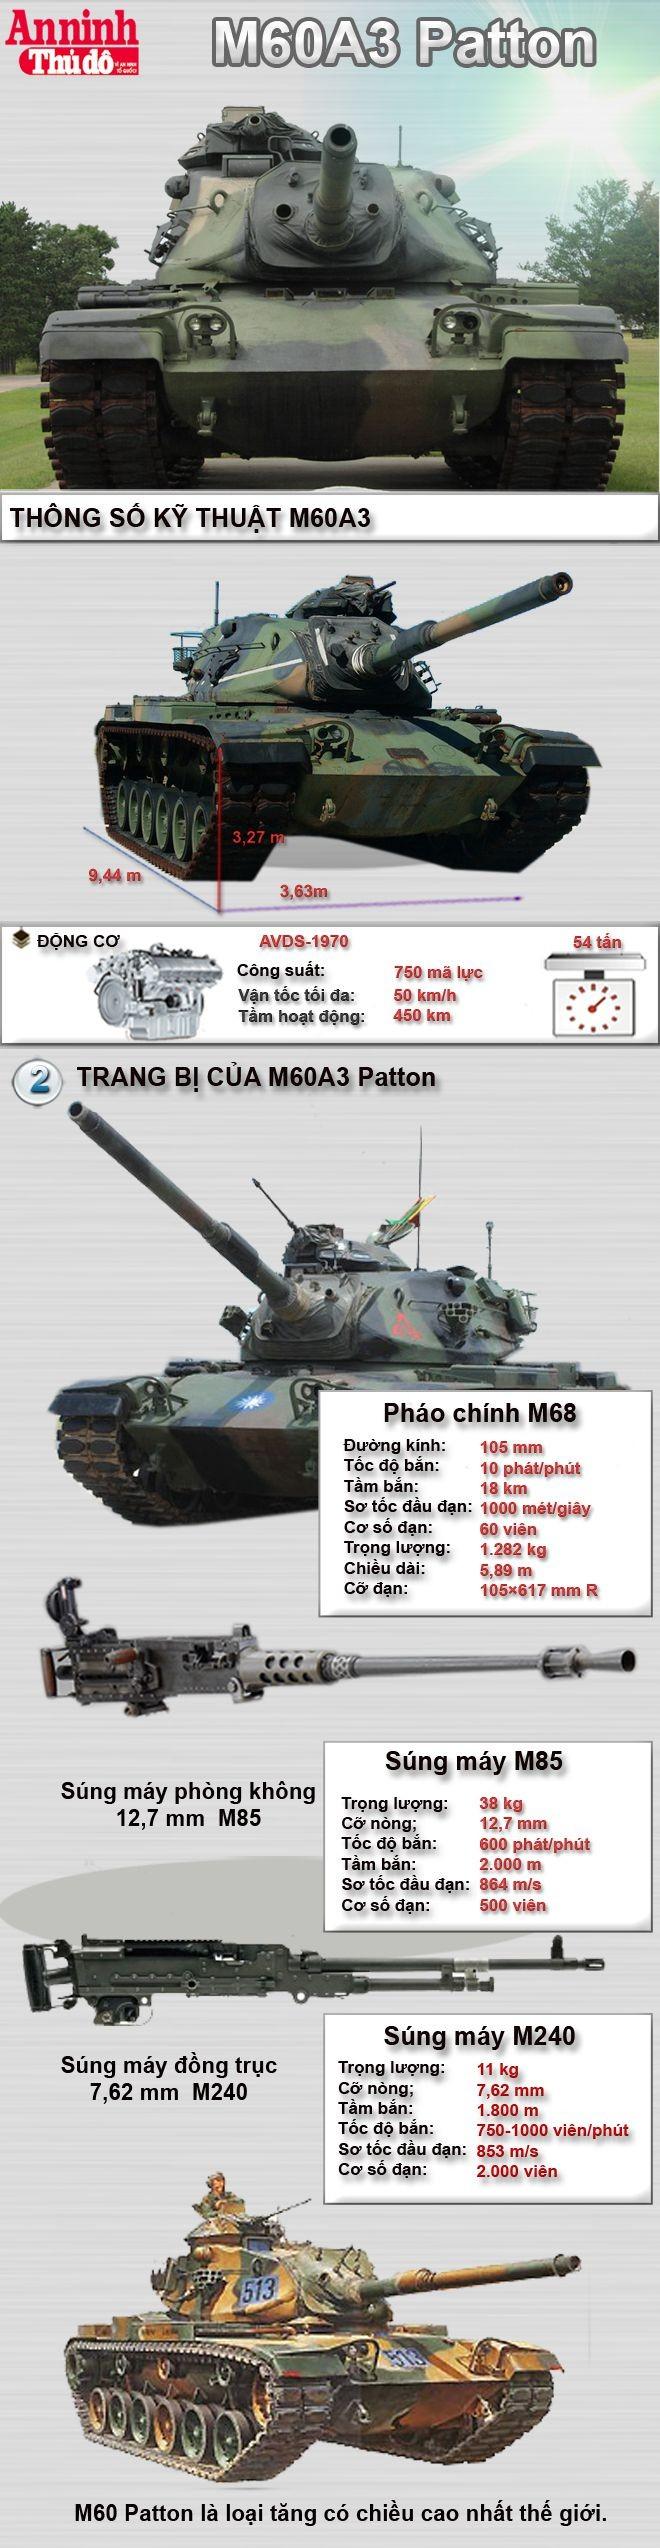 [Infographic] M60A3- Xe tăng uy lực một thời của Mỹ